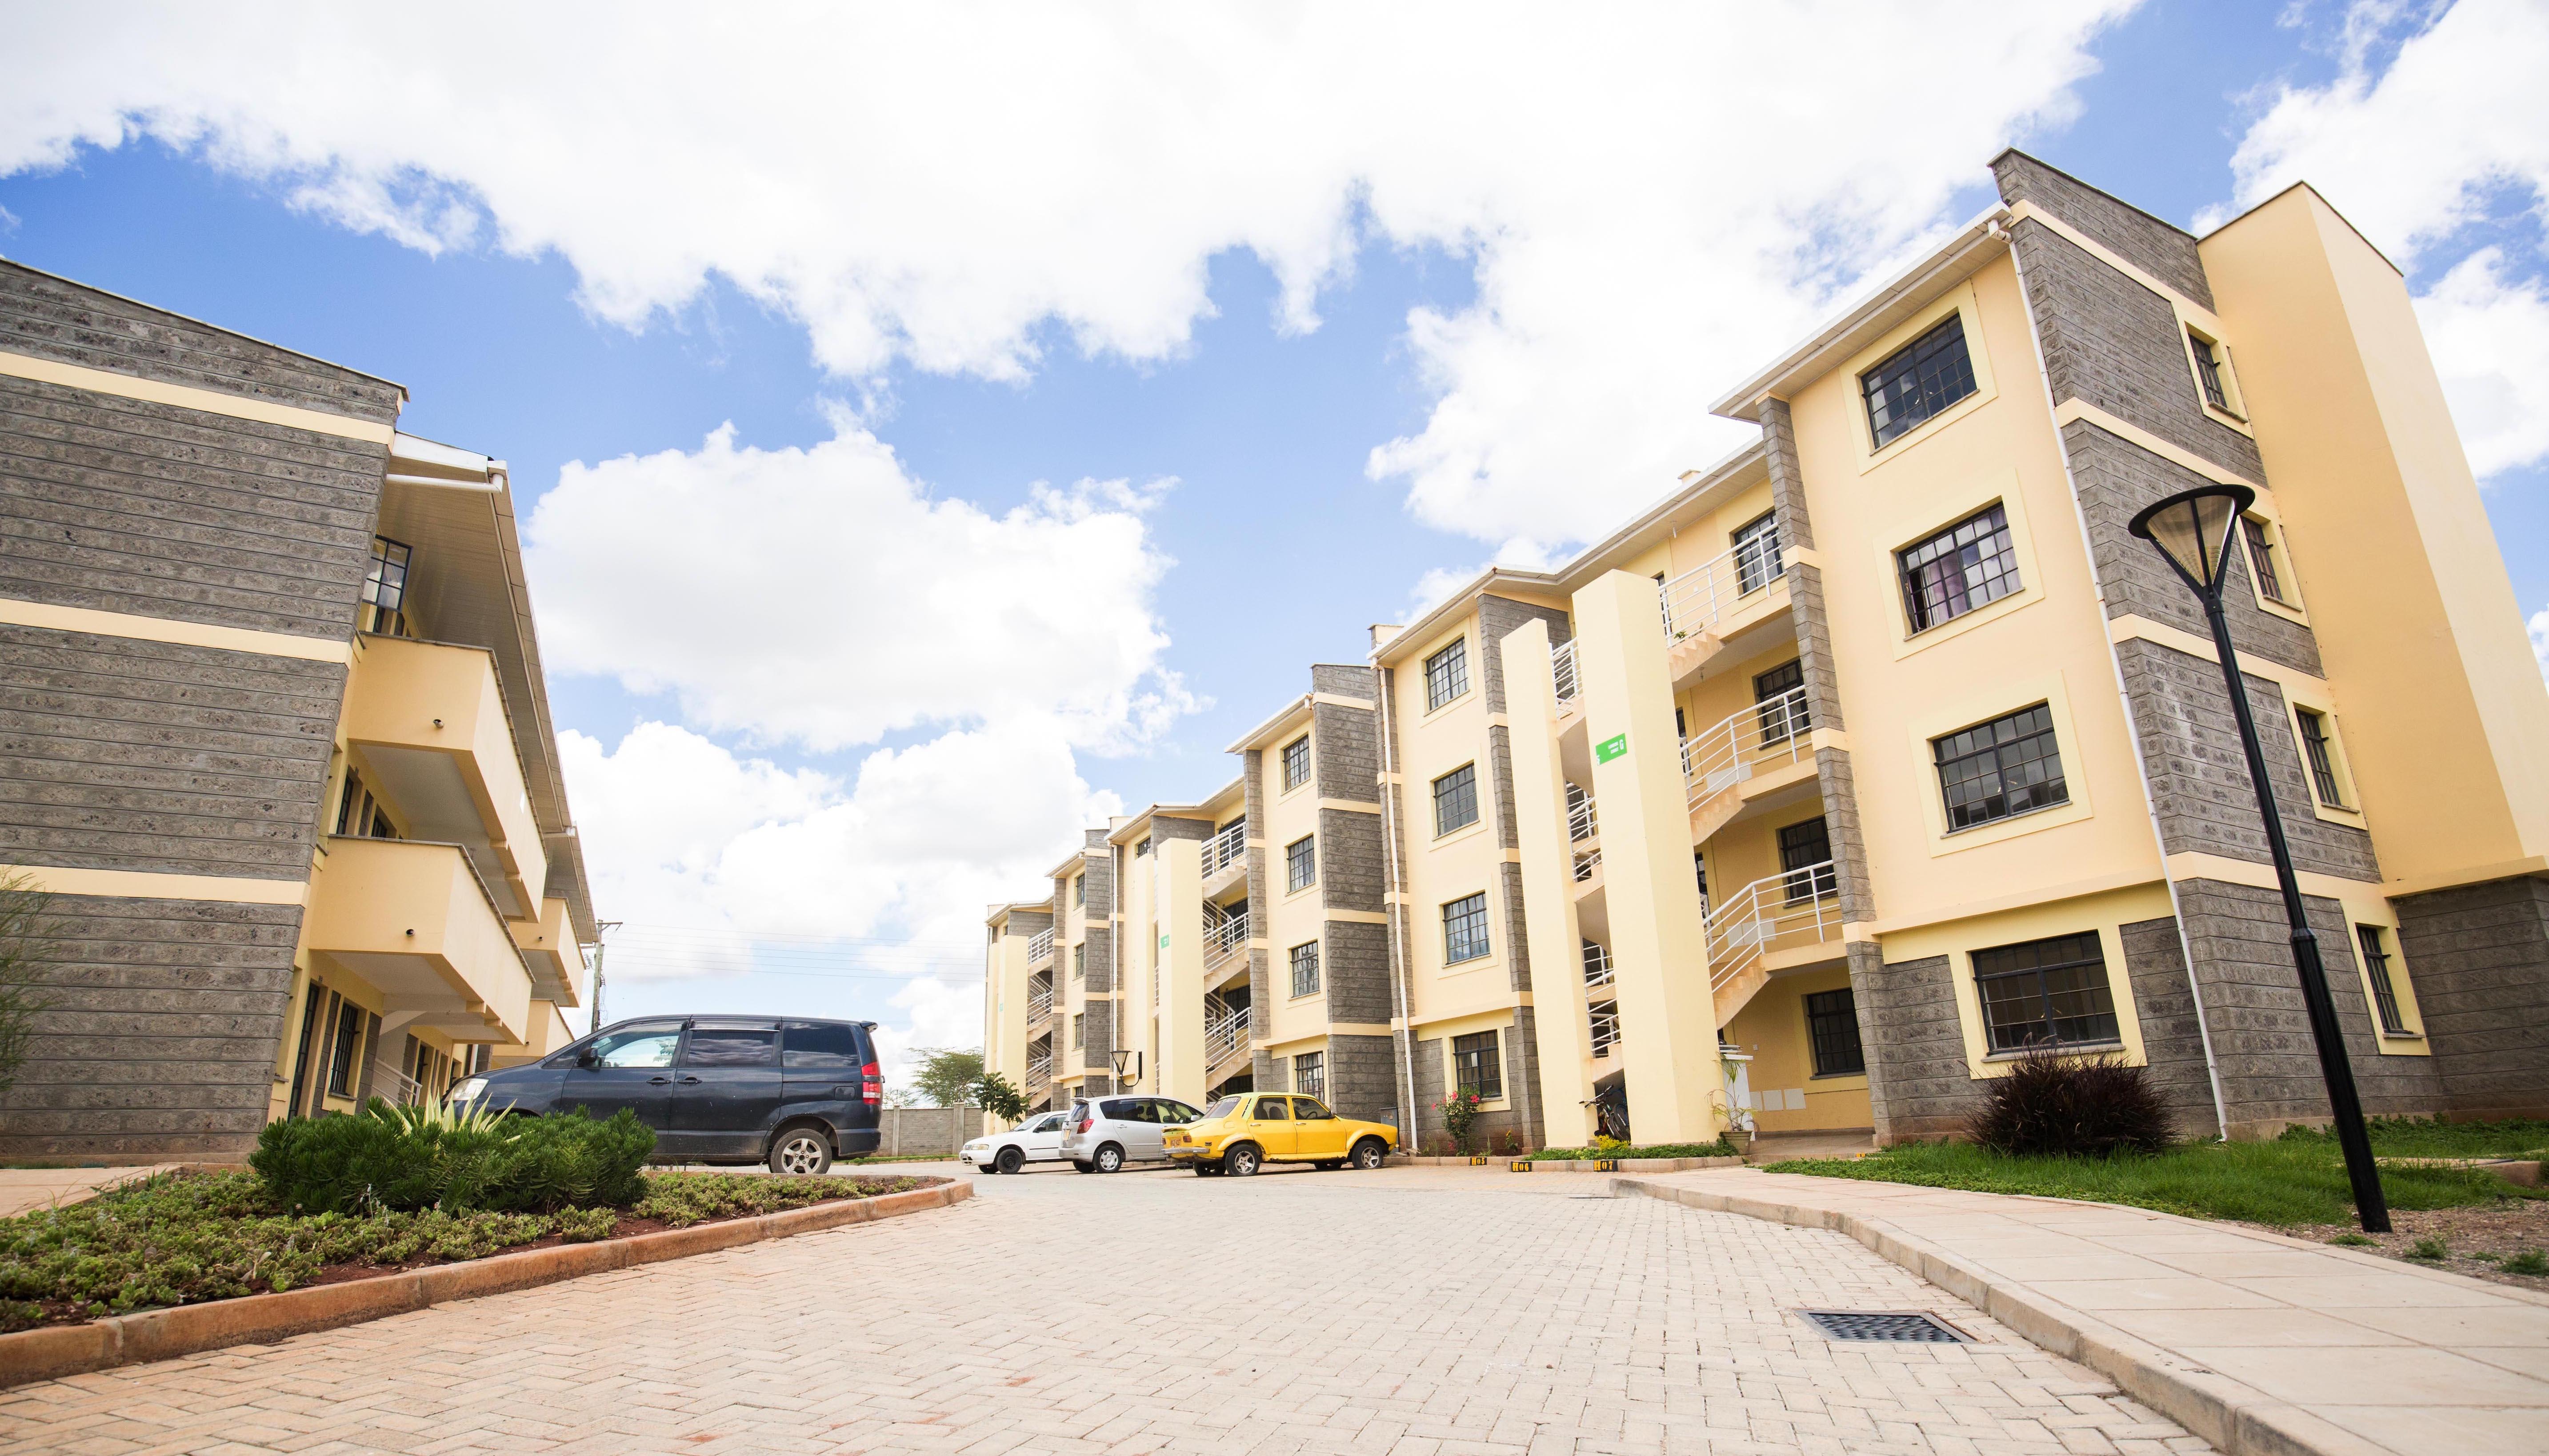 Case Study 13 | Delivering Affordable Housing in Kenya: The